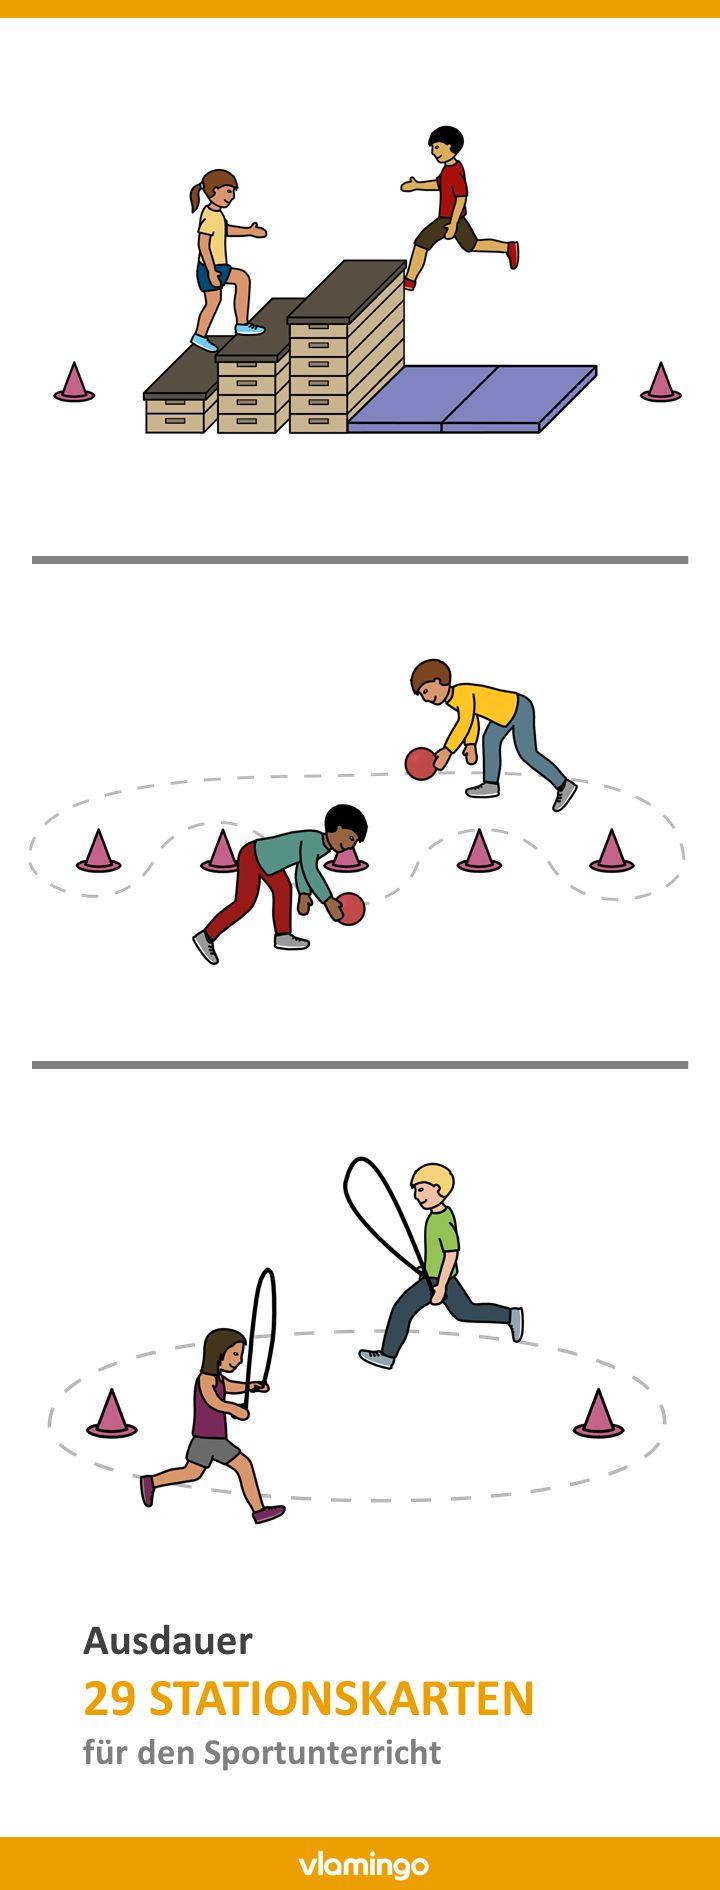 Ausdauer – 29 Stationskarten für den Sportunterricht